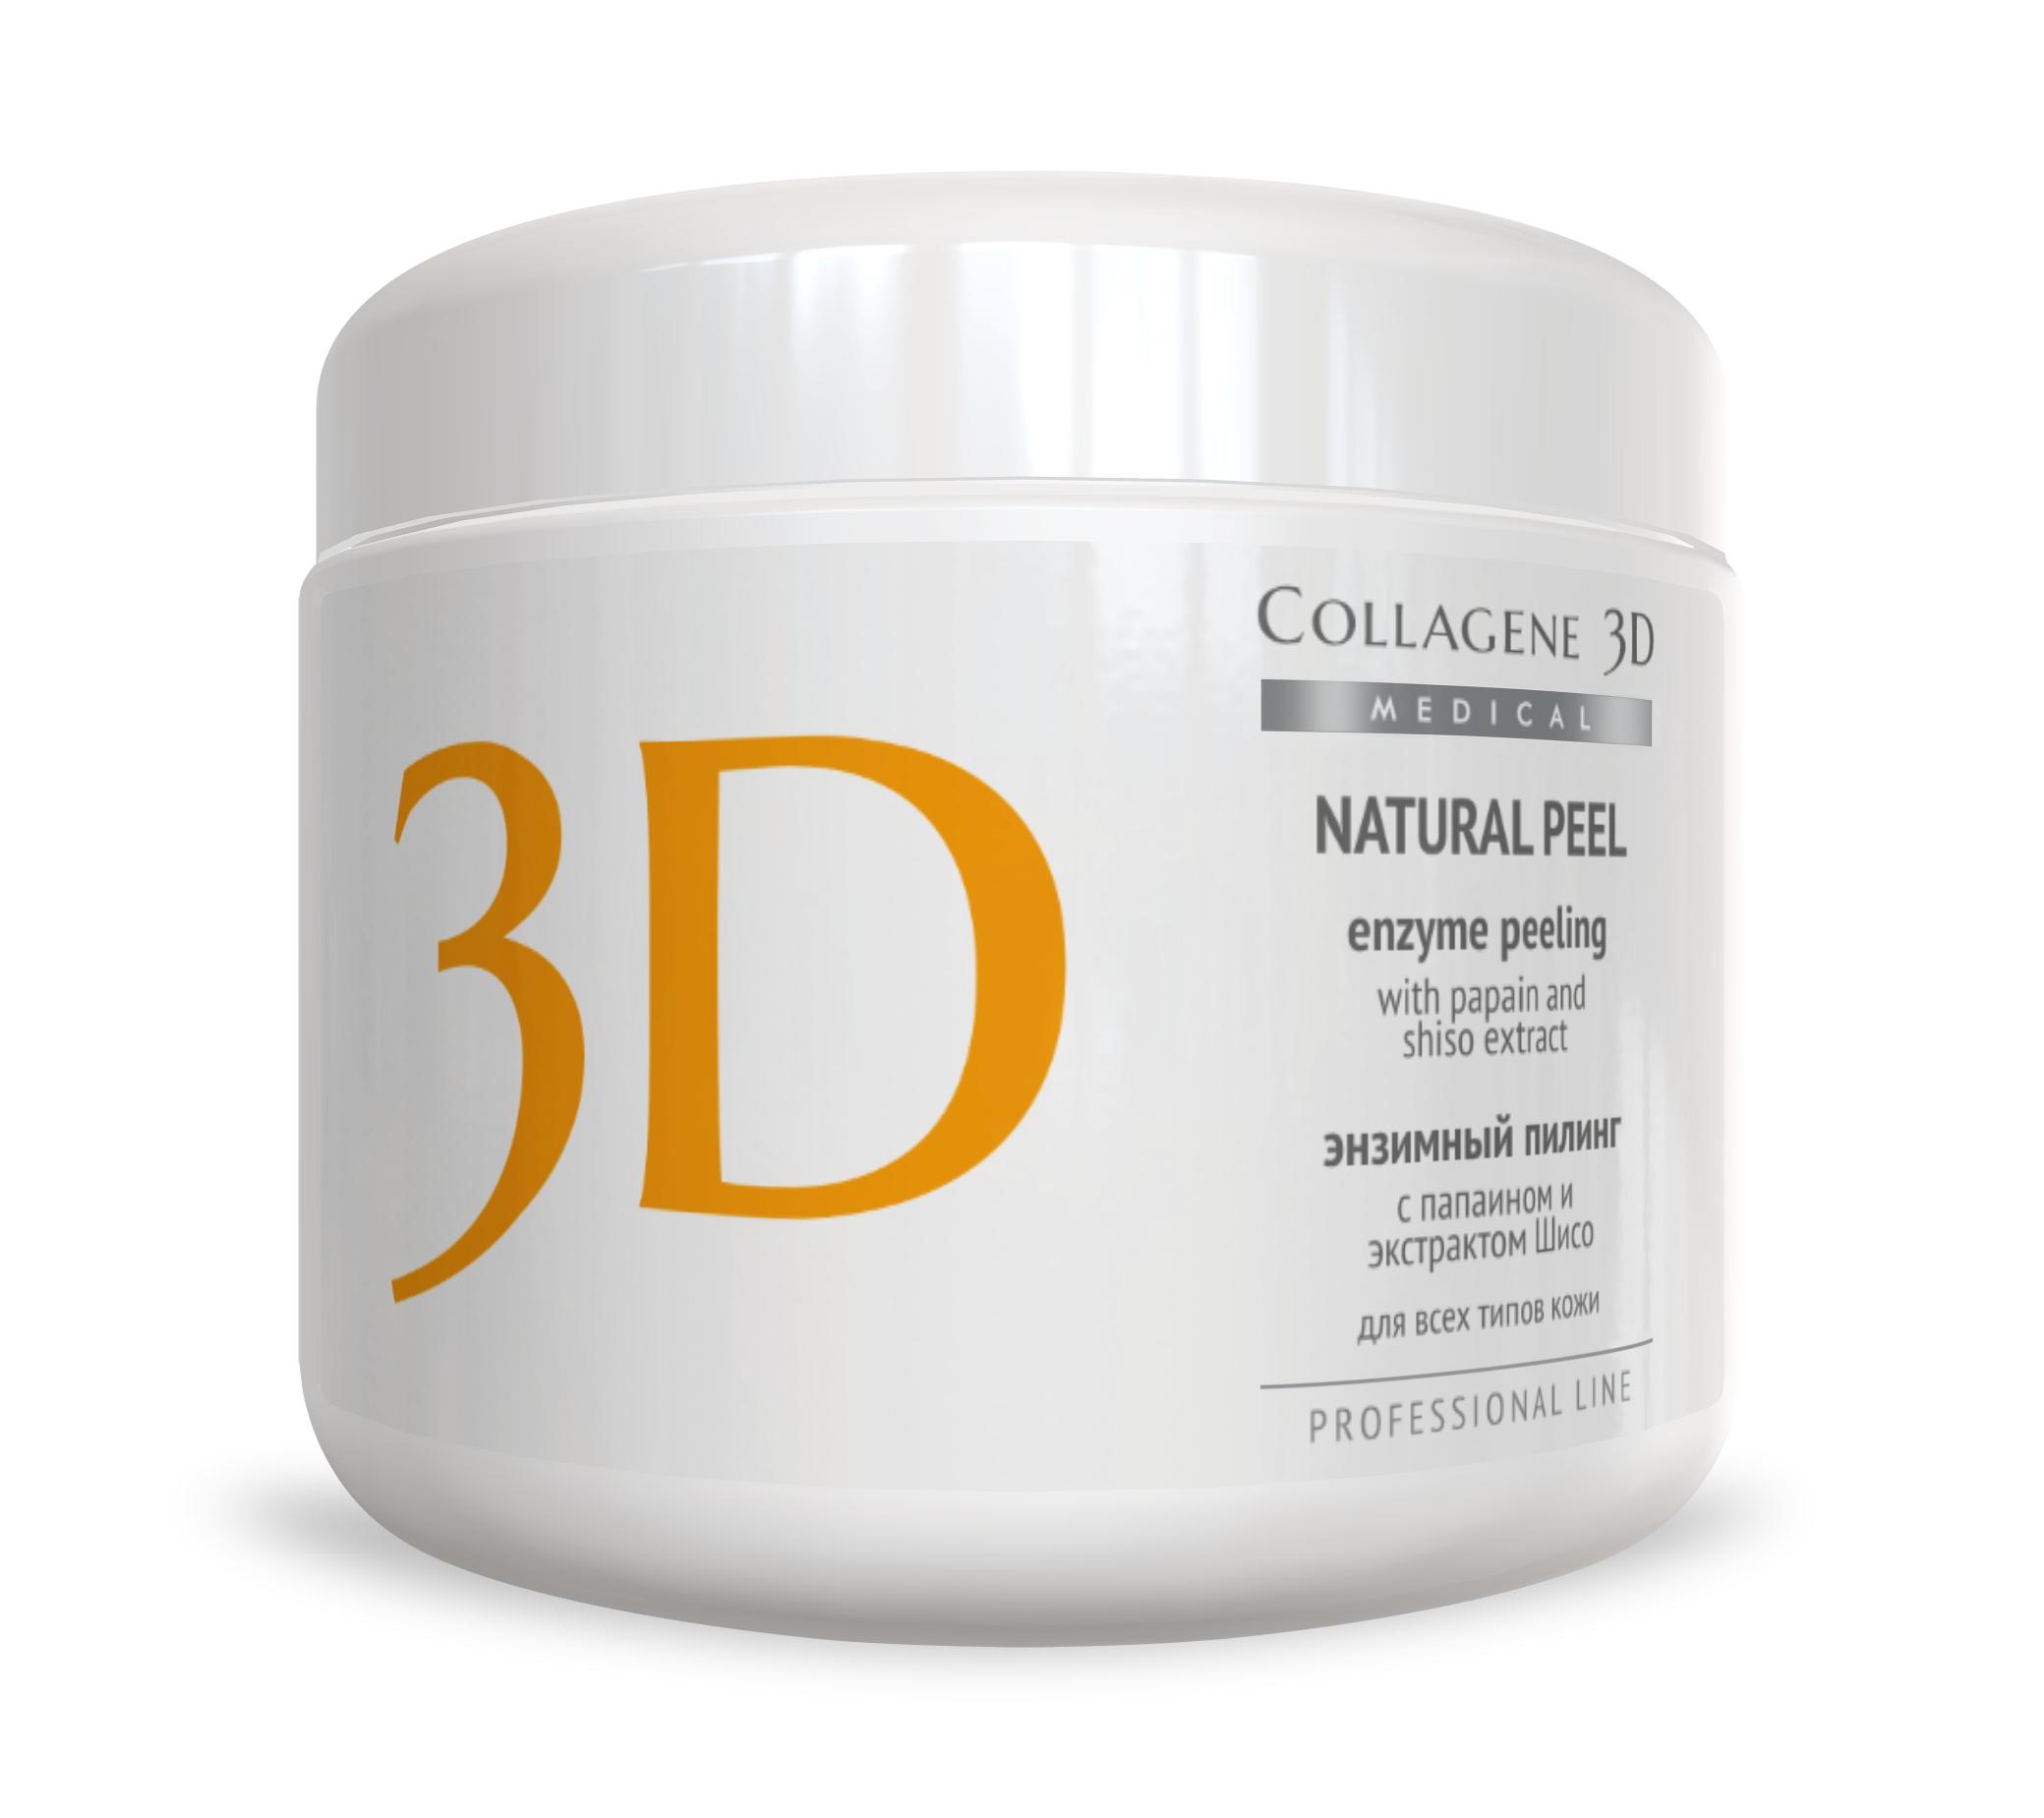 MEDICAL COLLAGENE 3D Пилинг с папаином и экстрактом шисо Natural Peel 150гПилинги<br>Рекомендуется для чувствительной кожи с веснушками или с признаками гиперпигментации. Каолин адсорбирует кожное сало, мягко отшелушивает, является природным антисептиком. Протеолитический фермент папаин способствует эффективной эксфолиации рогового слоя эпидермиса, запускает процессы обновления, удаляет веснушки, улучшает цвет и выравнивает микрорельеф кожи. Экстракт шисо охлаждает и успокаивает, снижает выработку меланина и предотвращает процесс гиперпигментации. Активные ингредиенты: каолин, папаин, экстракт шисо. Способ применения: взять необходимое количество пилинга (5-10 г), поместить в емкость и развести теплой водой до образования кремообразной массы. Нанести кисточкой на предварительно очищенную и обработанную тоником кожу лица, шеи и область декольте. Поверх пилинга положить влажную теплую салфетку или полиэтиленовую маску, сверху лучше укрыть полотенцем. Для правильной работы ферментов необходимо поддерживать влажную и теплую среду. Через 10-15 минут тщательно смыть теплой водой, затем просушить кожу.<br><br>Вид средства для лица: Природные